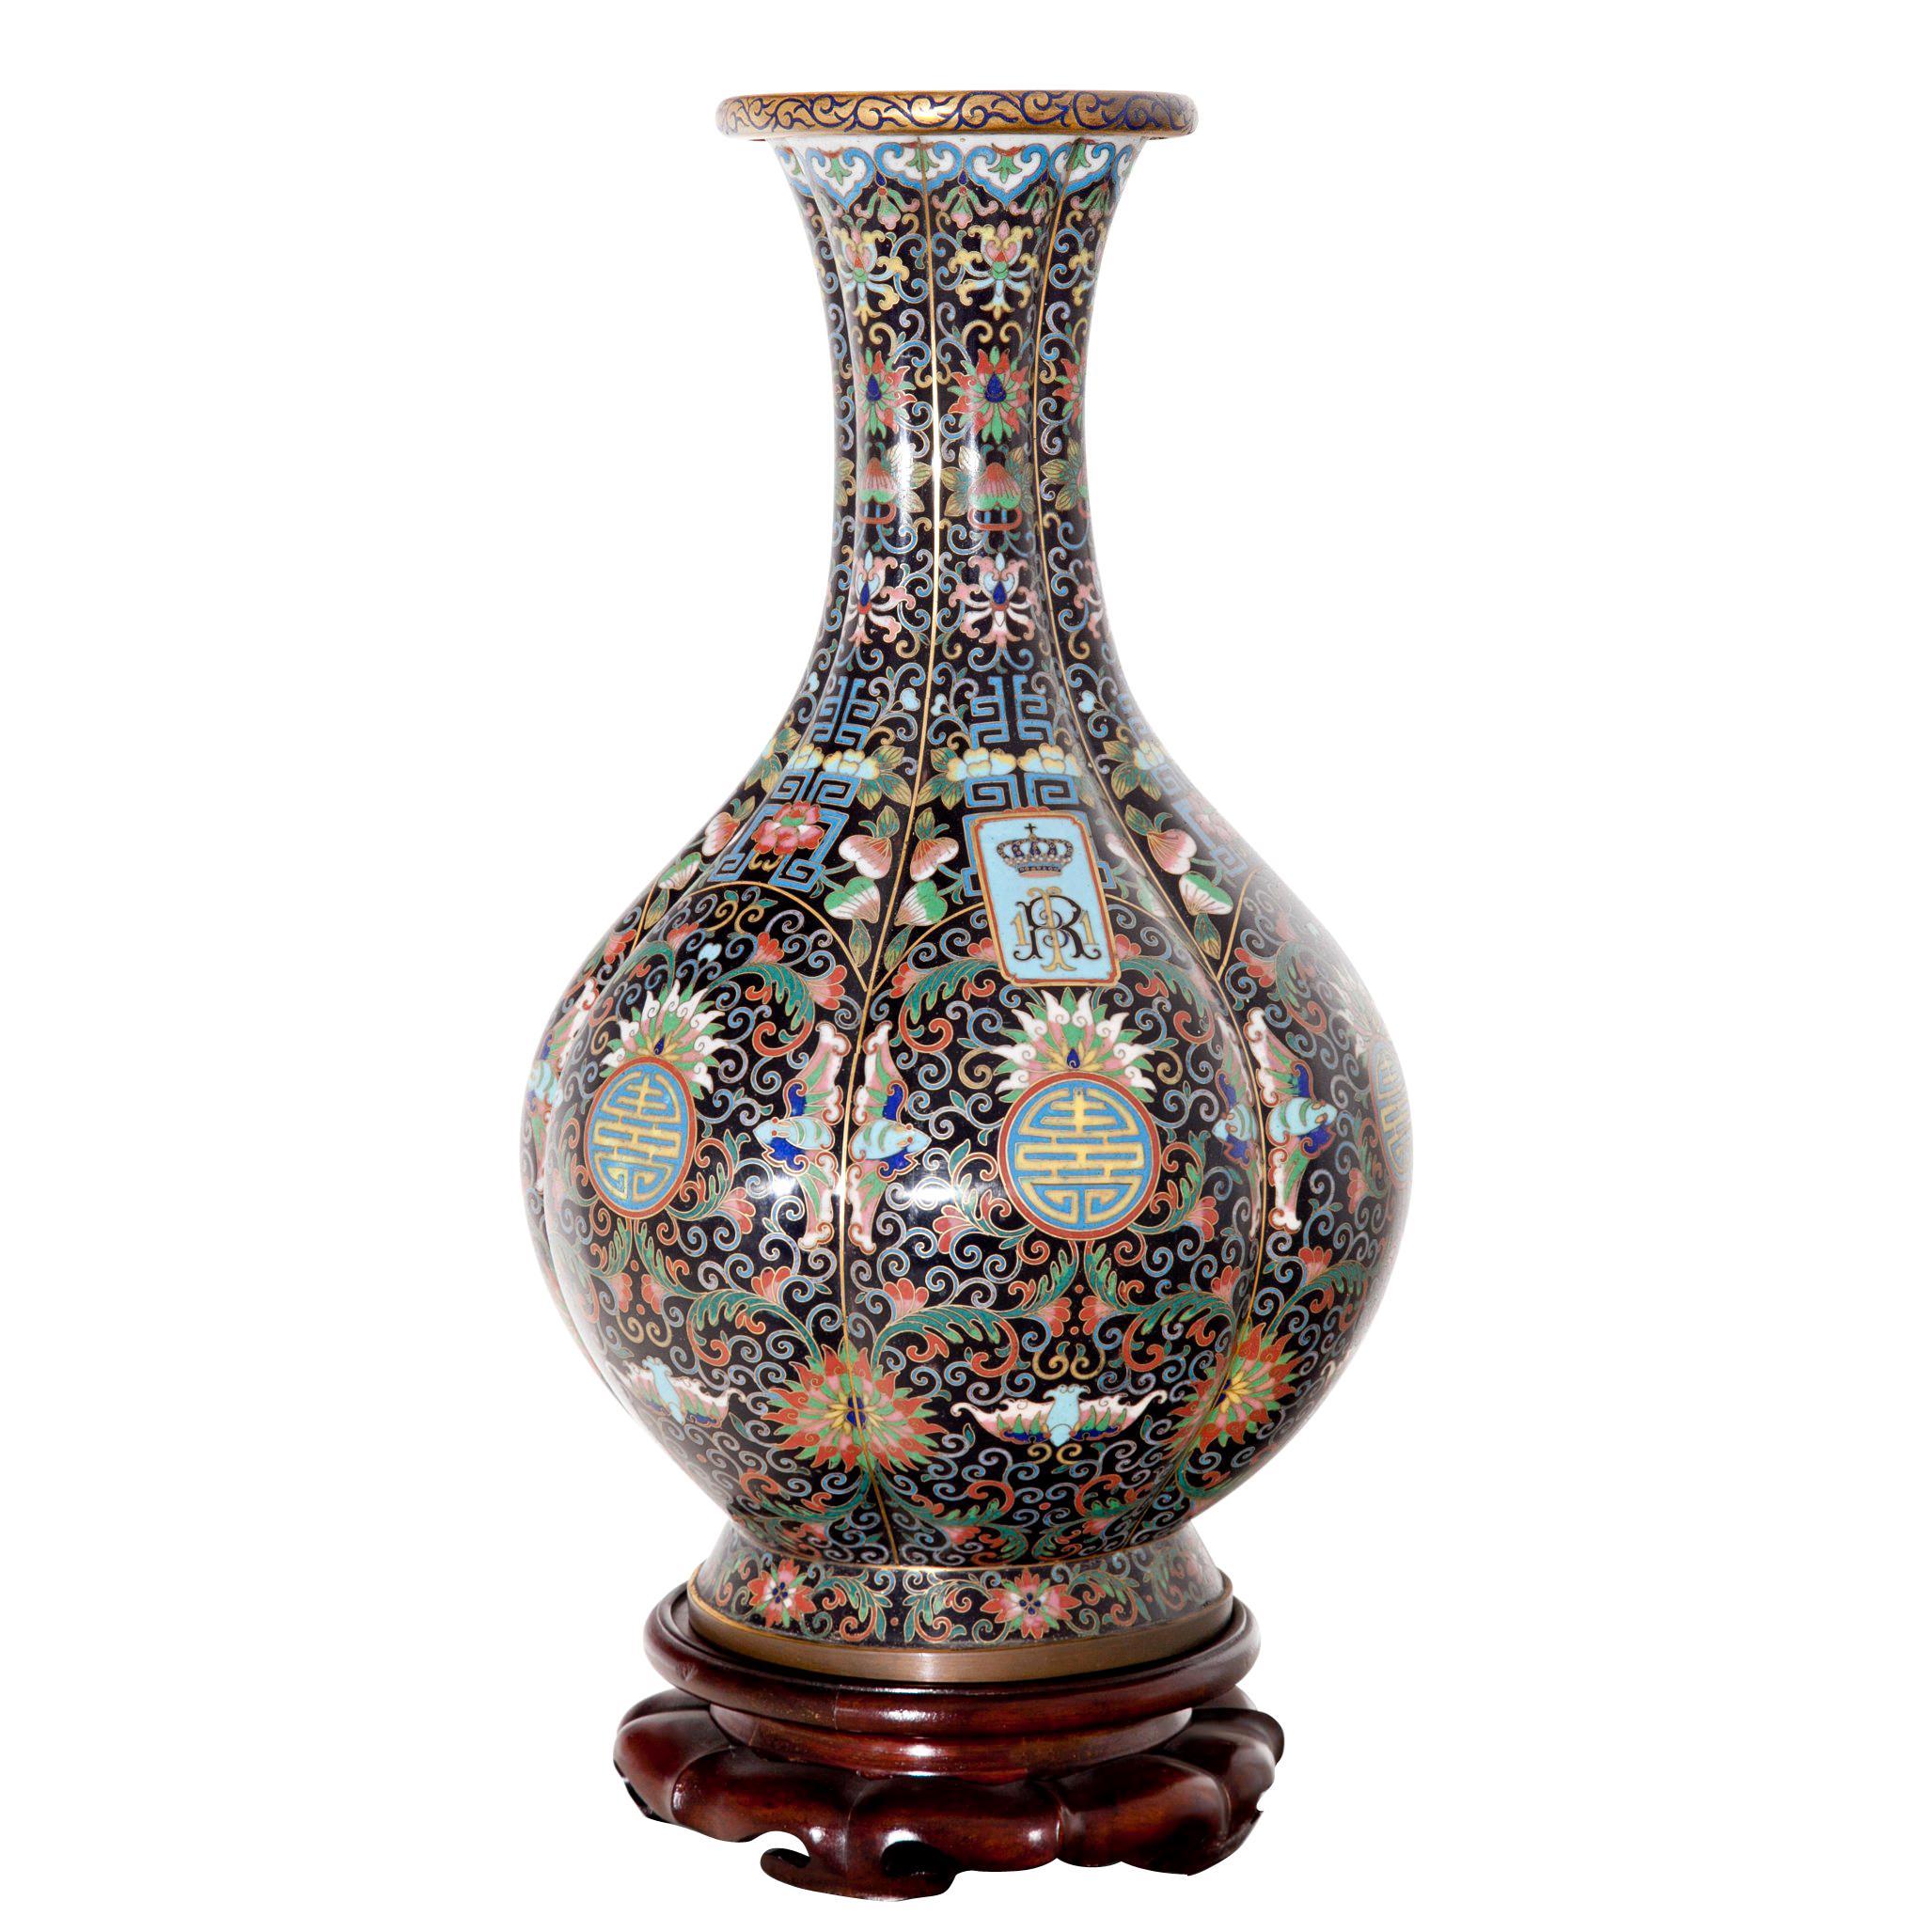 Cloisonné-Vase, circa 1900